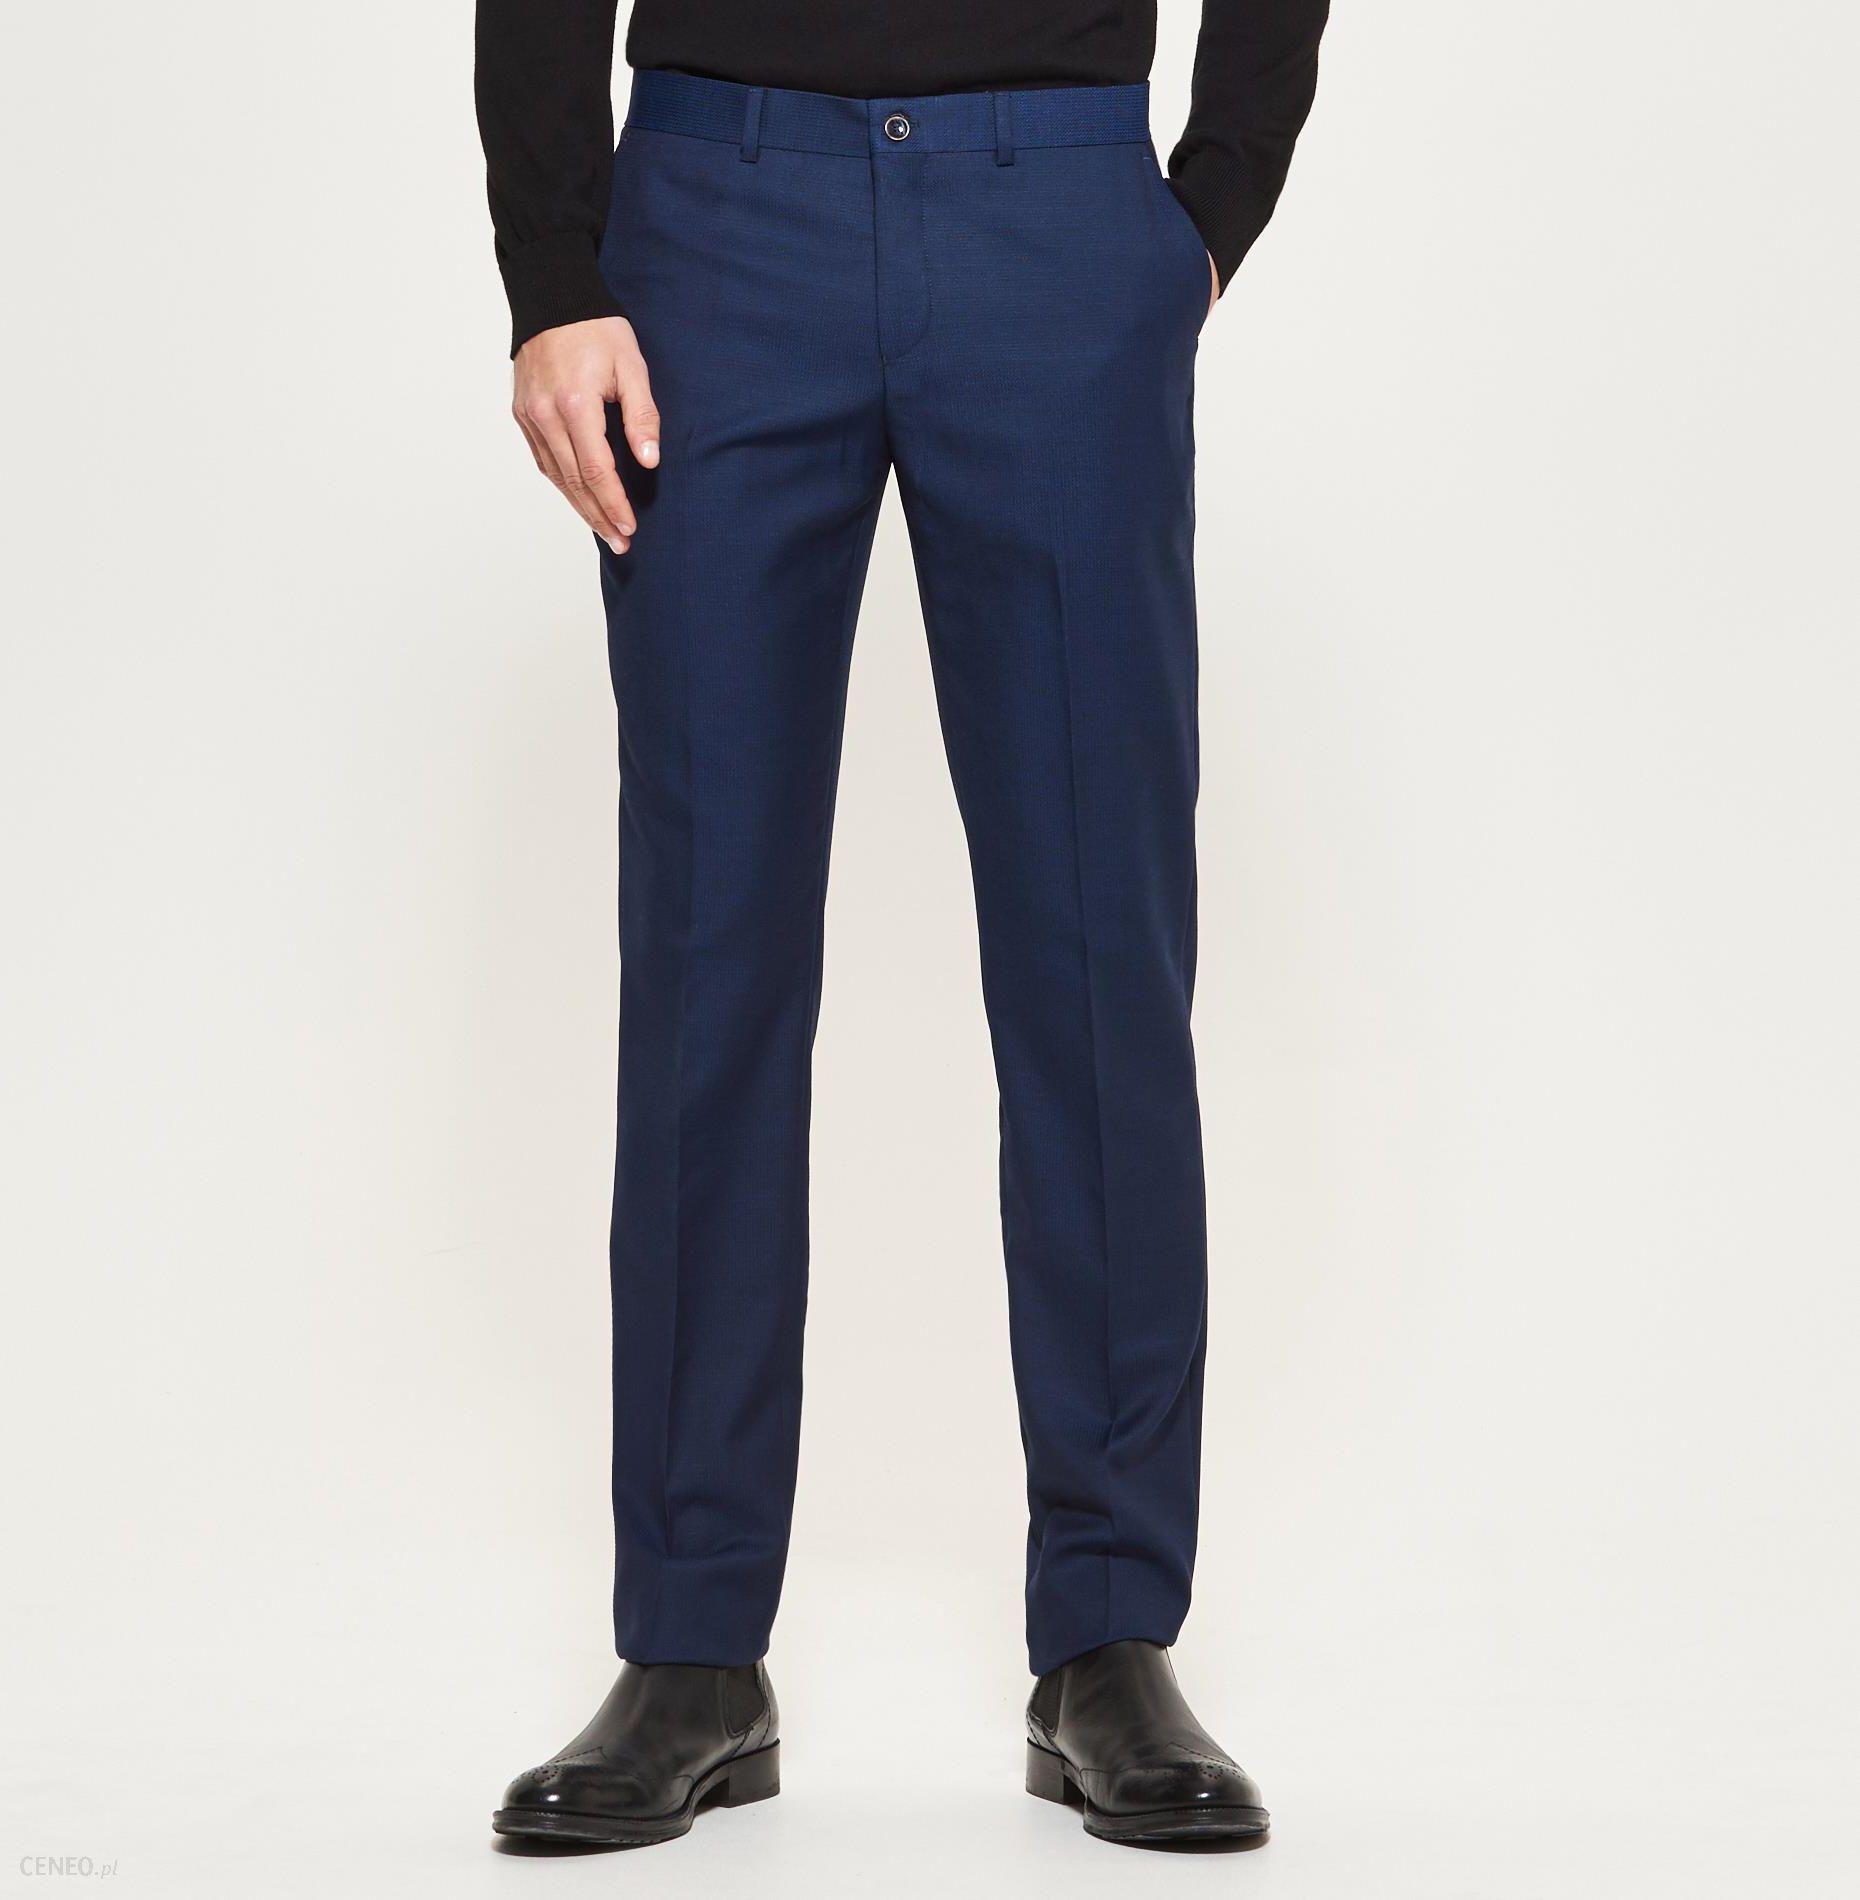 Reserved Spodnie garniturowe Granatowy męska